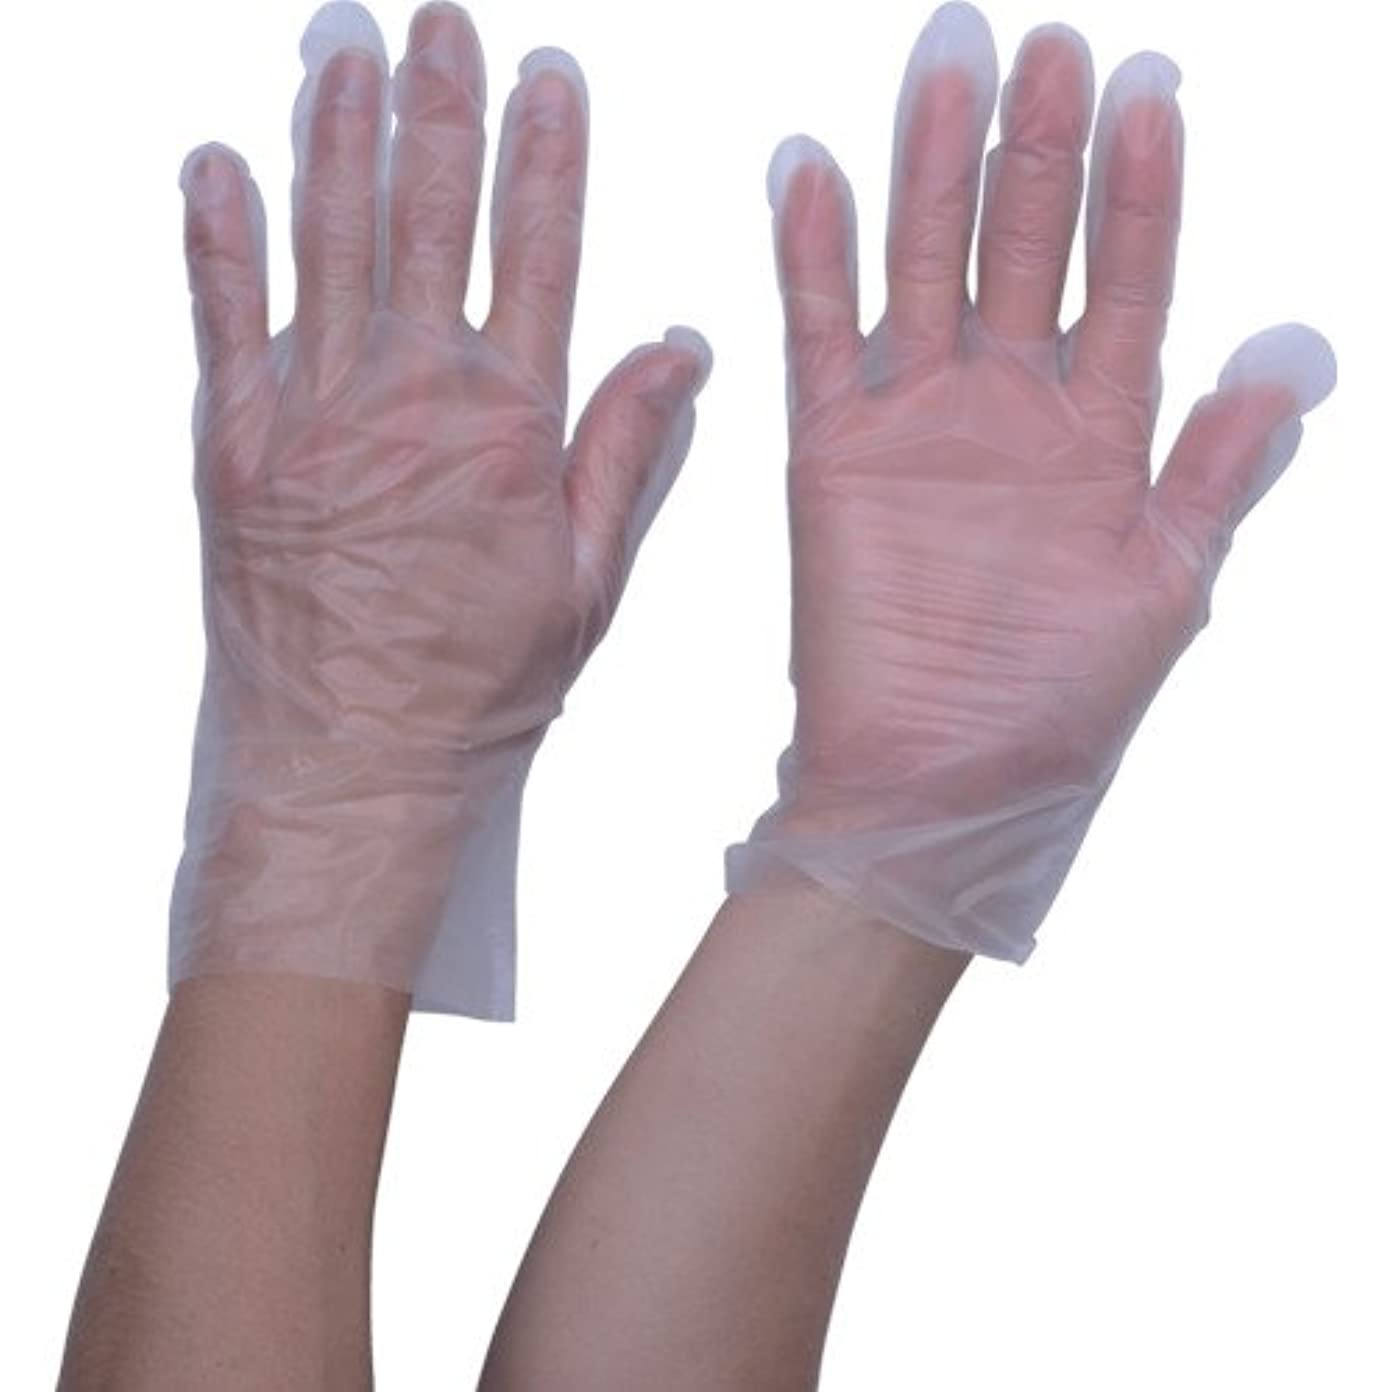 健全設計わがままTRUSCO ポリエチレン 使い捨て手袋 ウェーブカットタイプL (100枚入)(入数:100枚) TGCPE025L